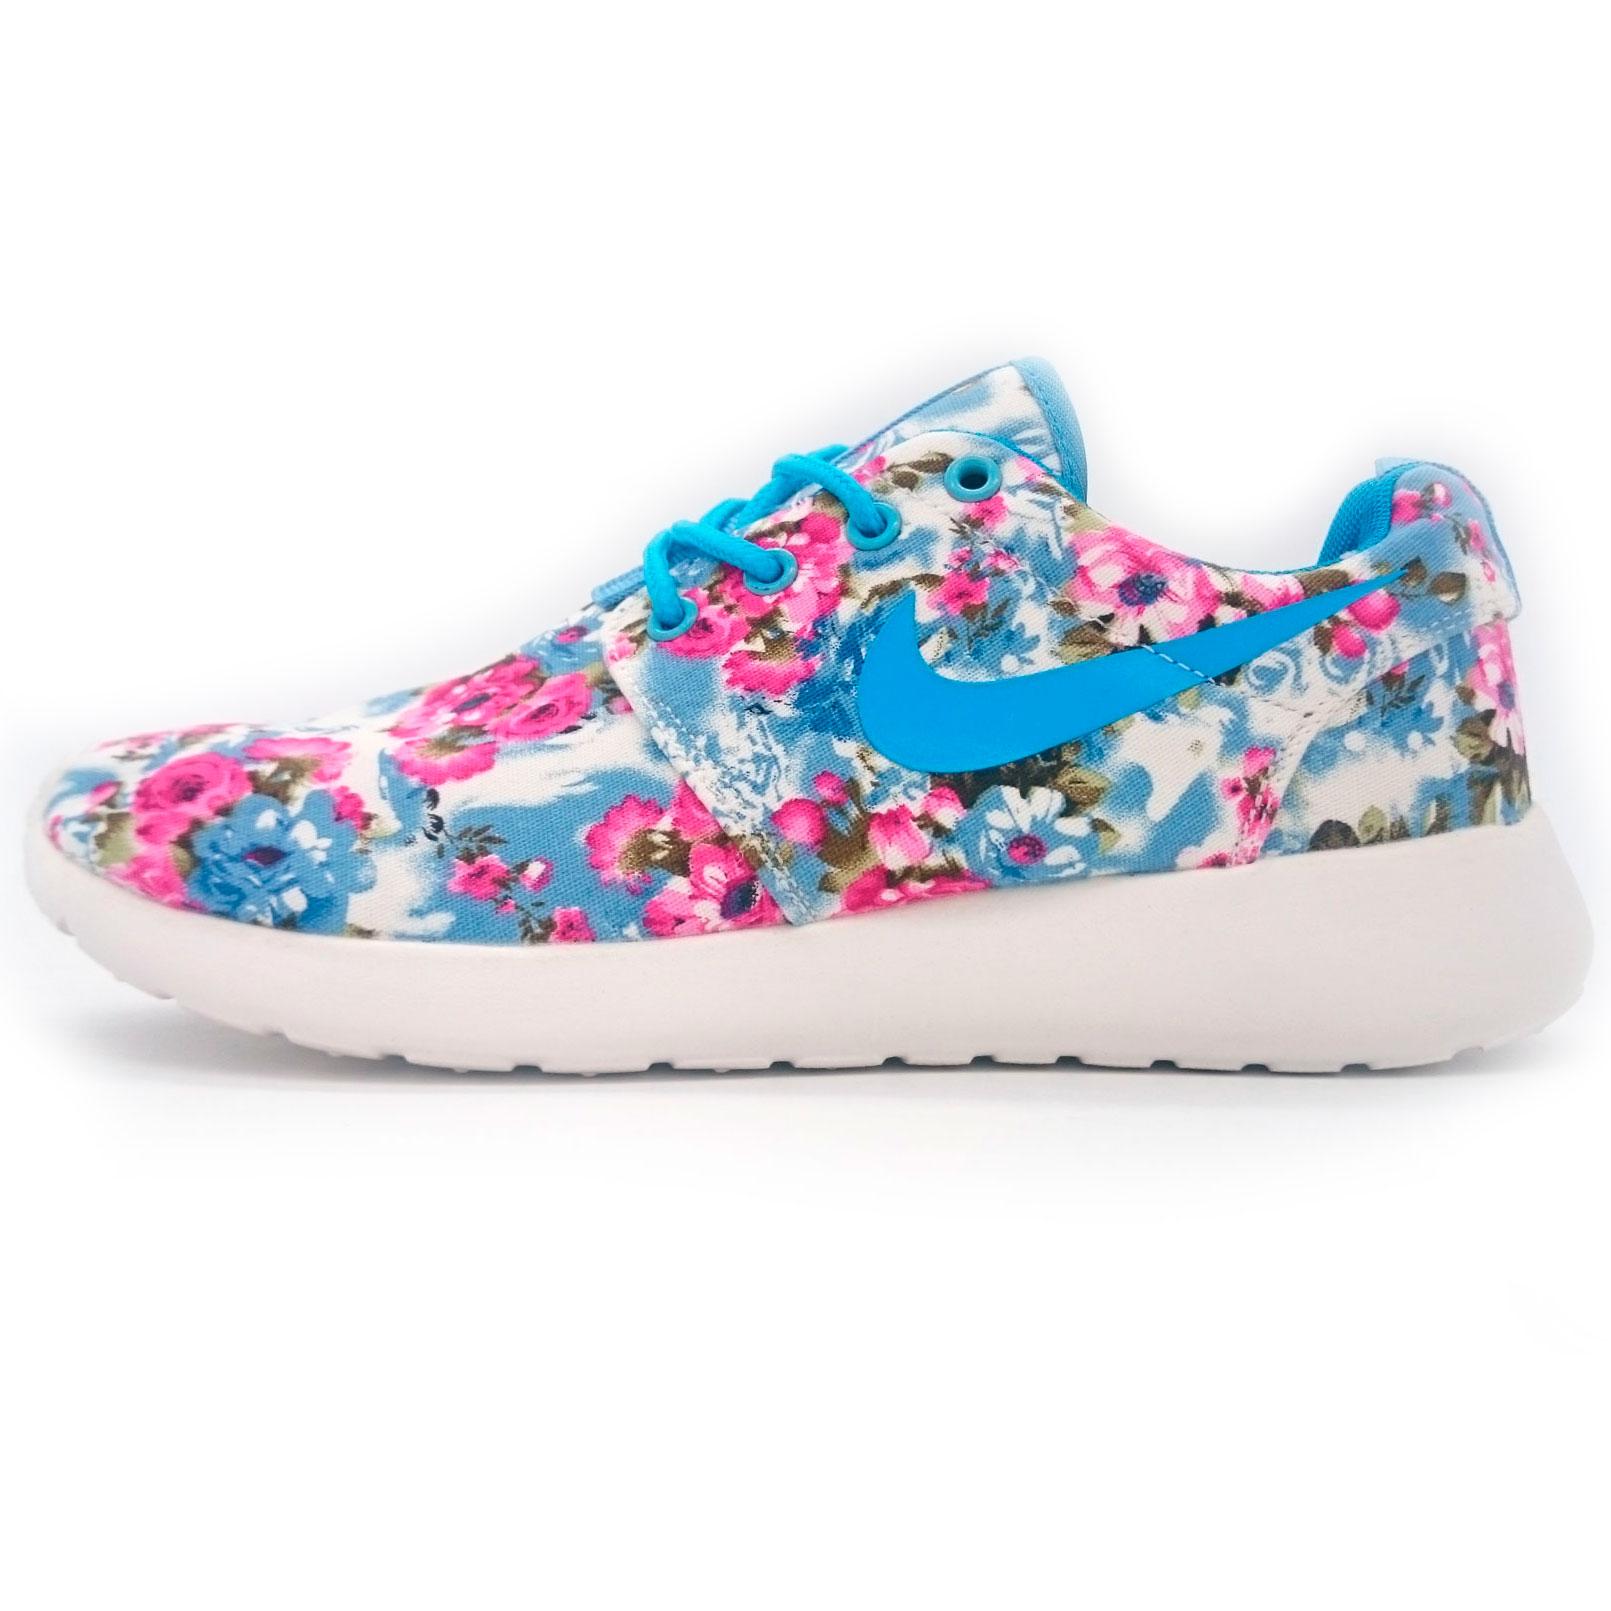 фото main Nike Roshe Run в цветочек синие main